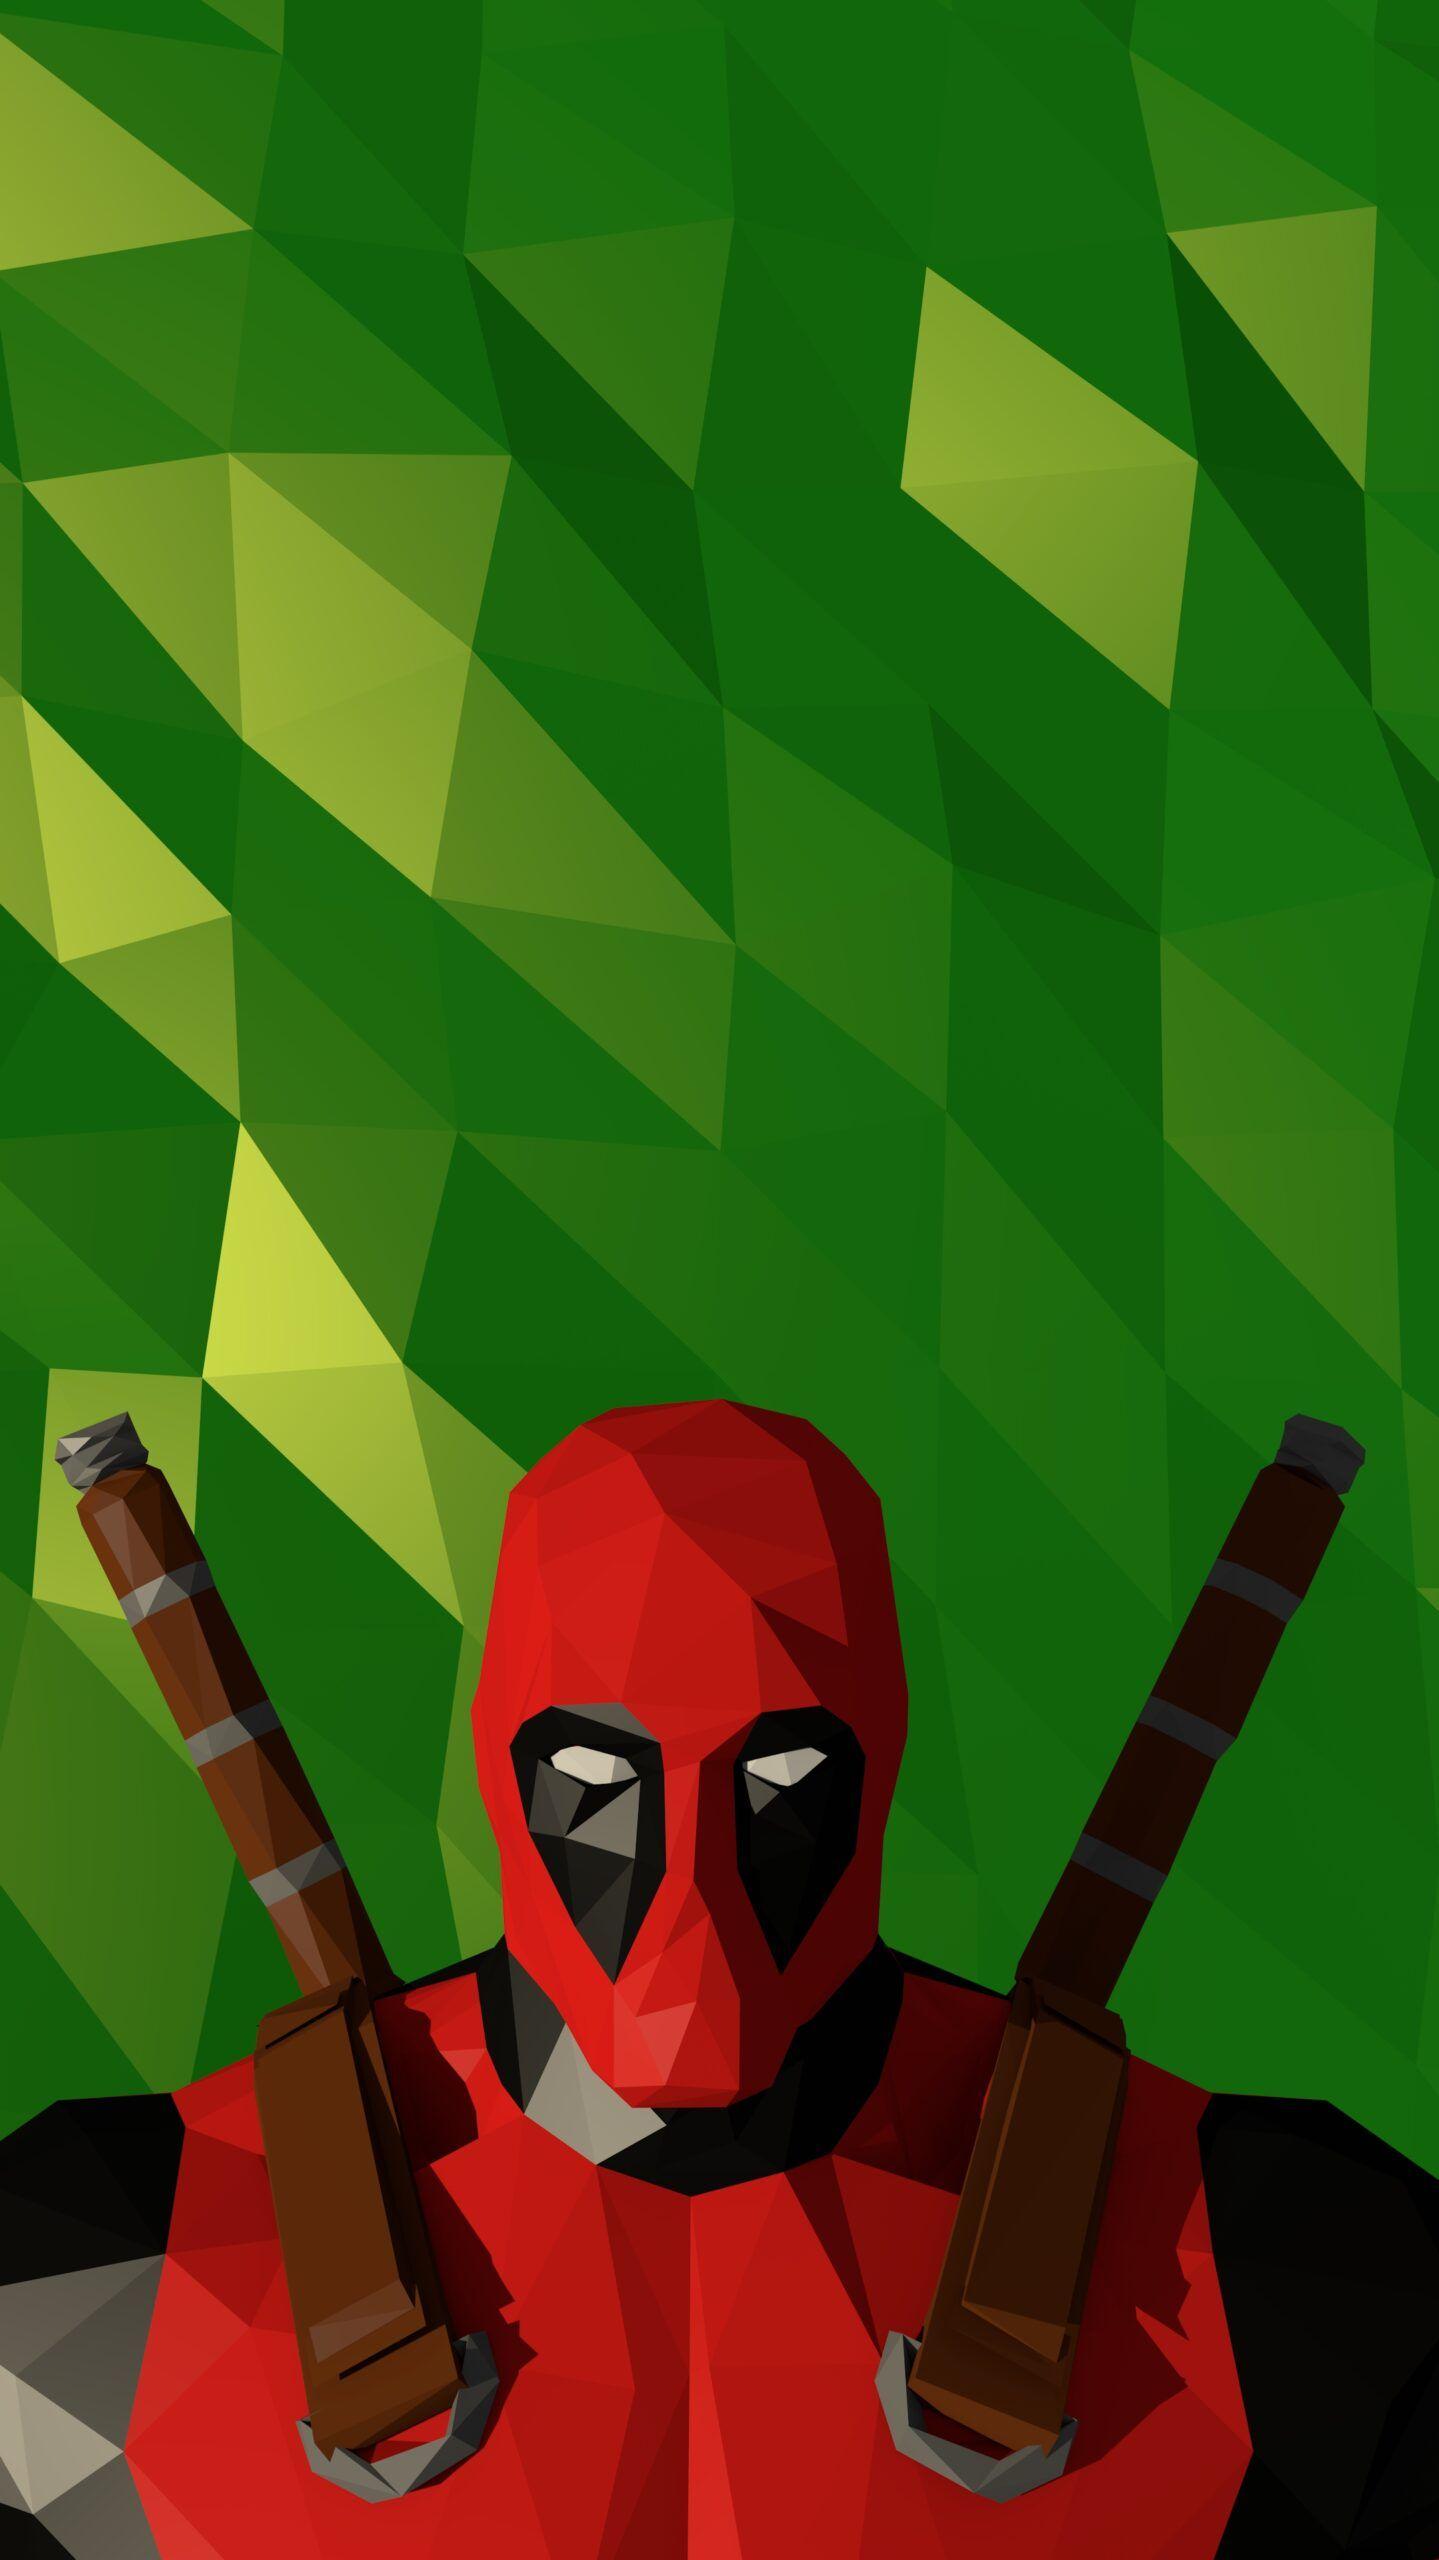 Deadpool Polygon Green Iphone Wallpaper In 2020 Deadpool